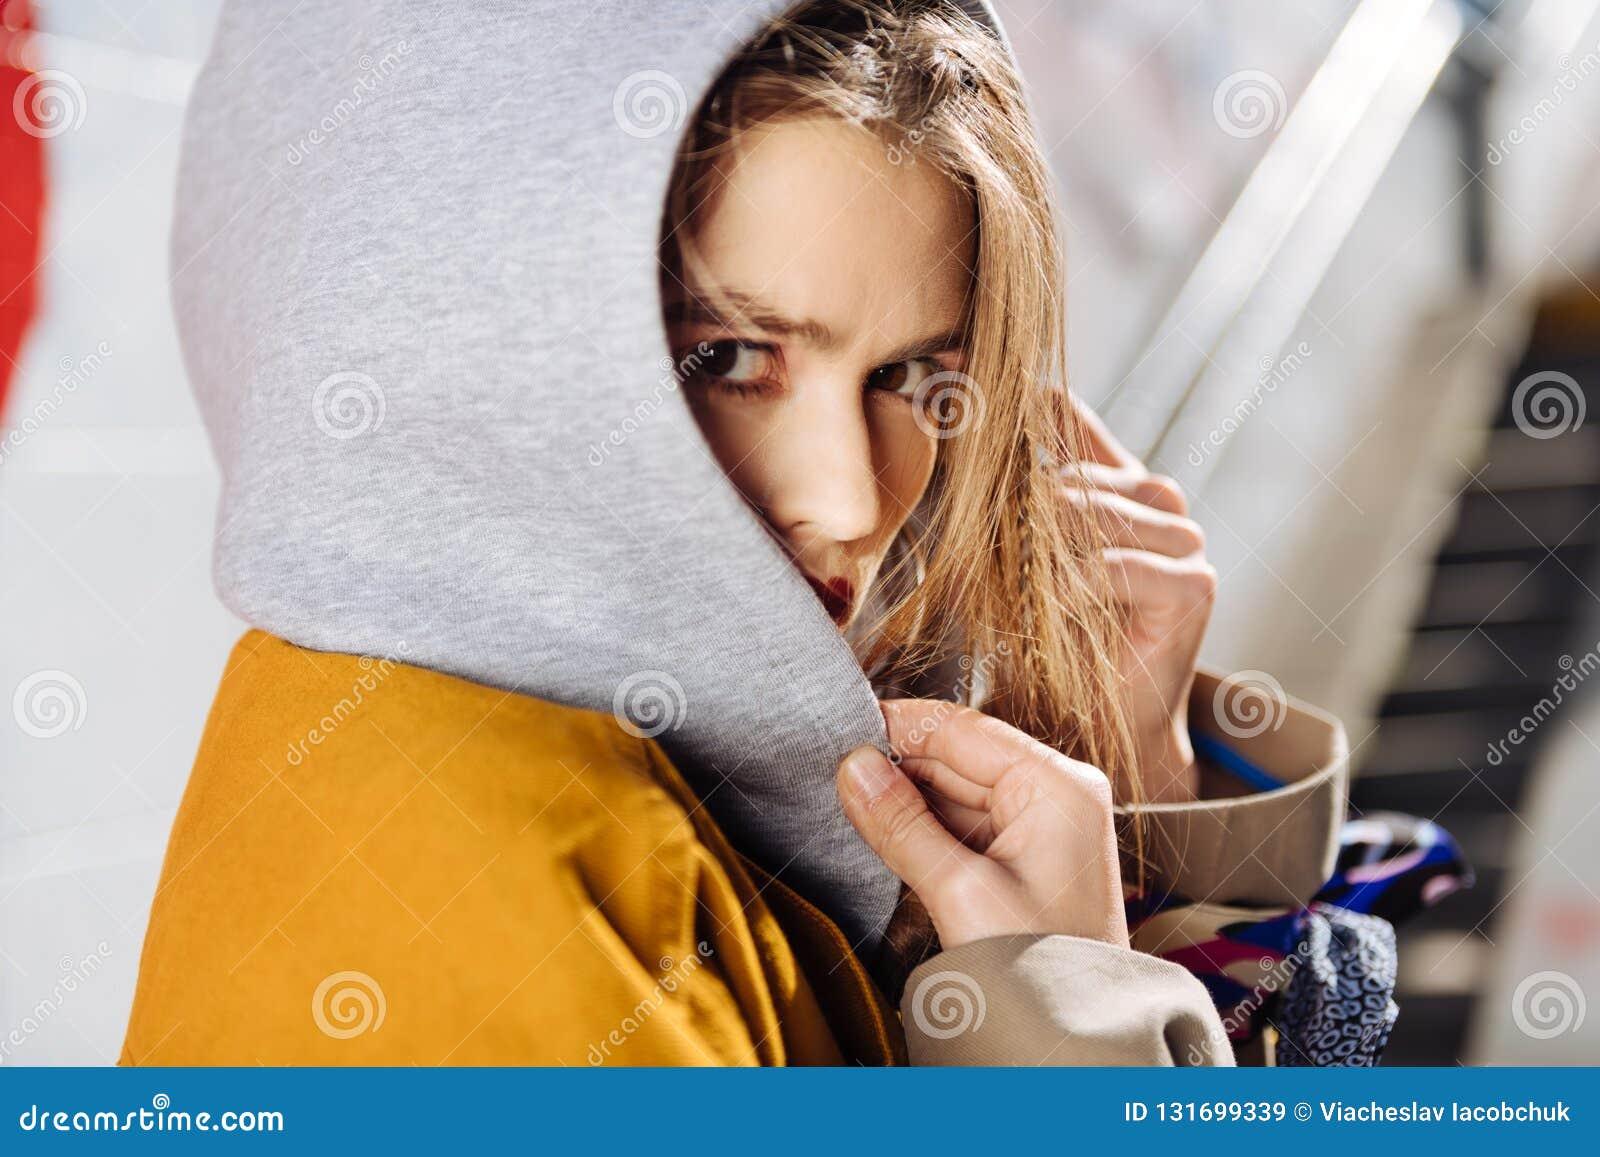 Schließen Sie oben vom ernsten dunkeläugigen Fotomodell, das grauen Hoodie trägt